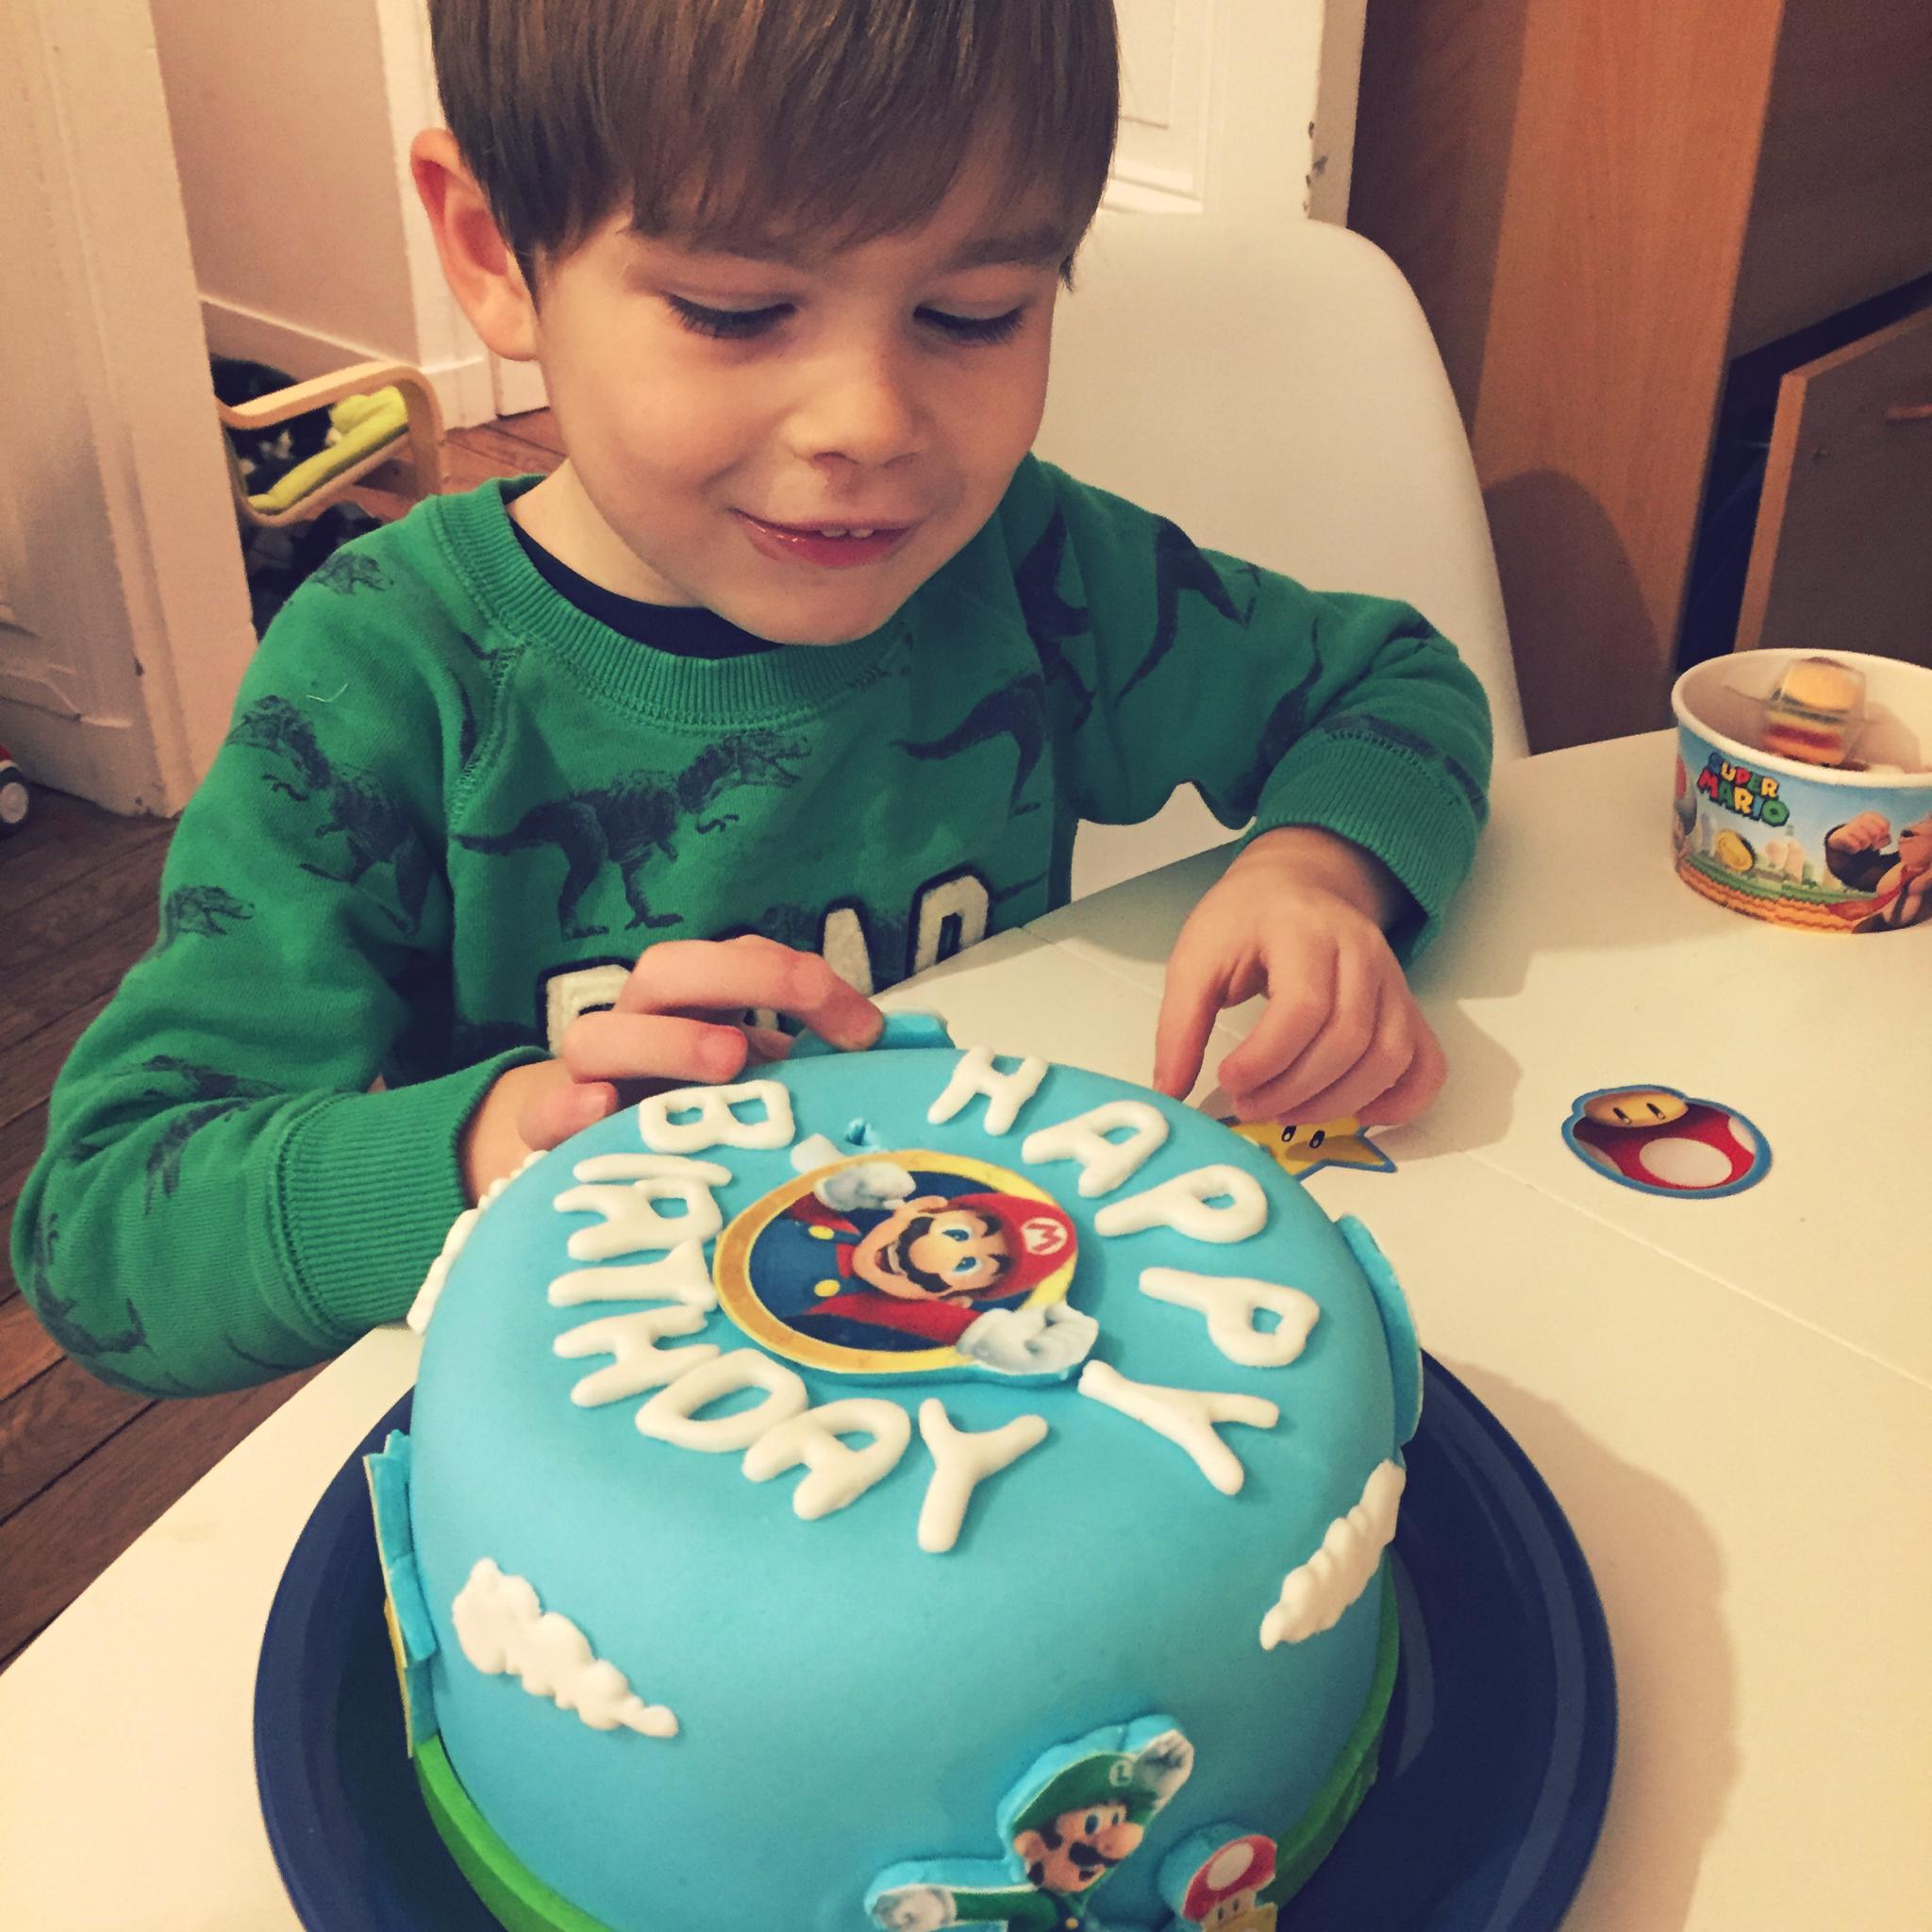 FUNBOOKER - anniversaire enfant 5 ans - gâteau d'anniversaire